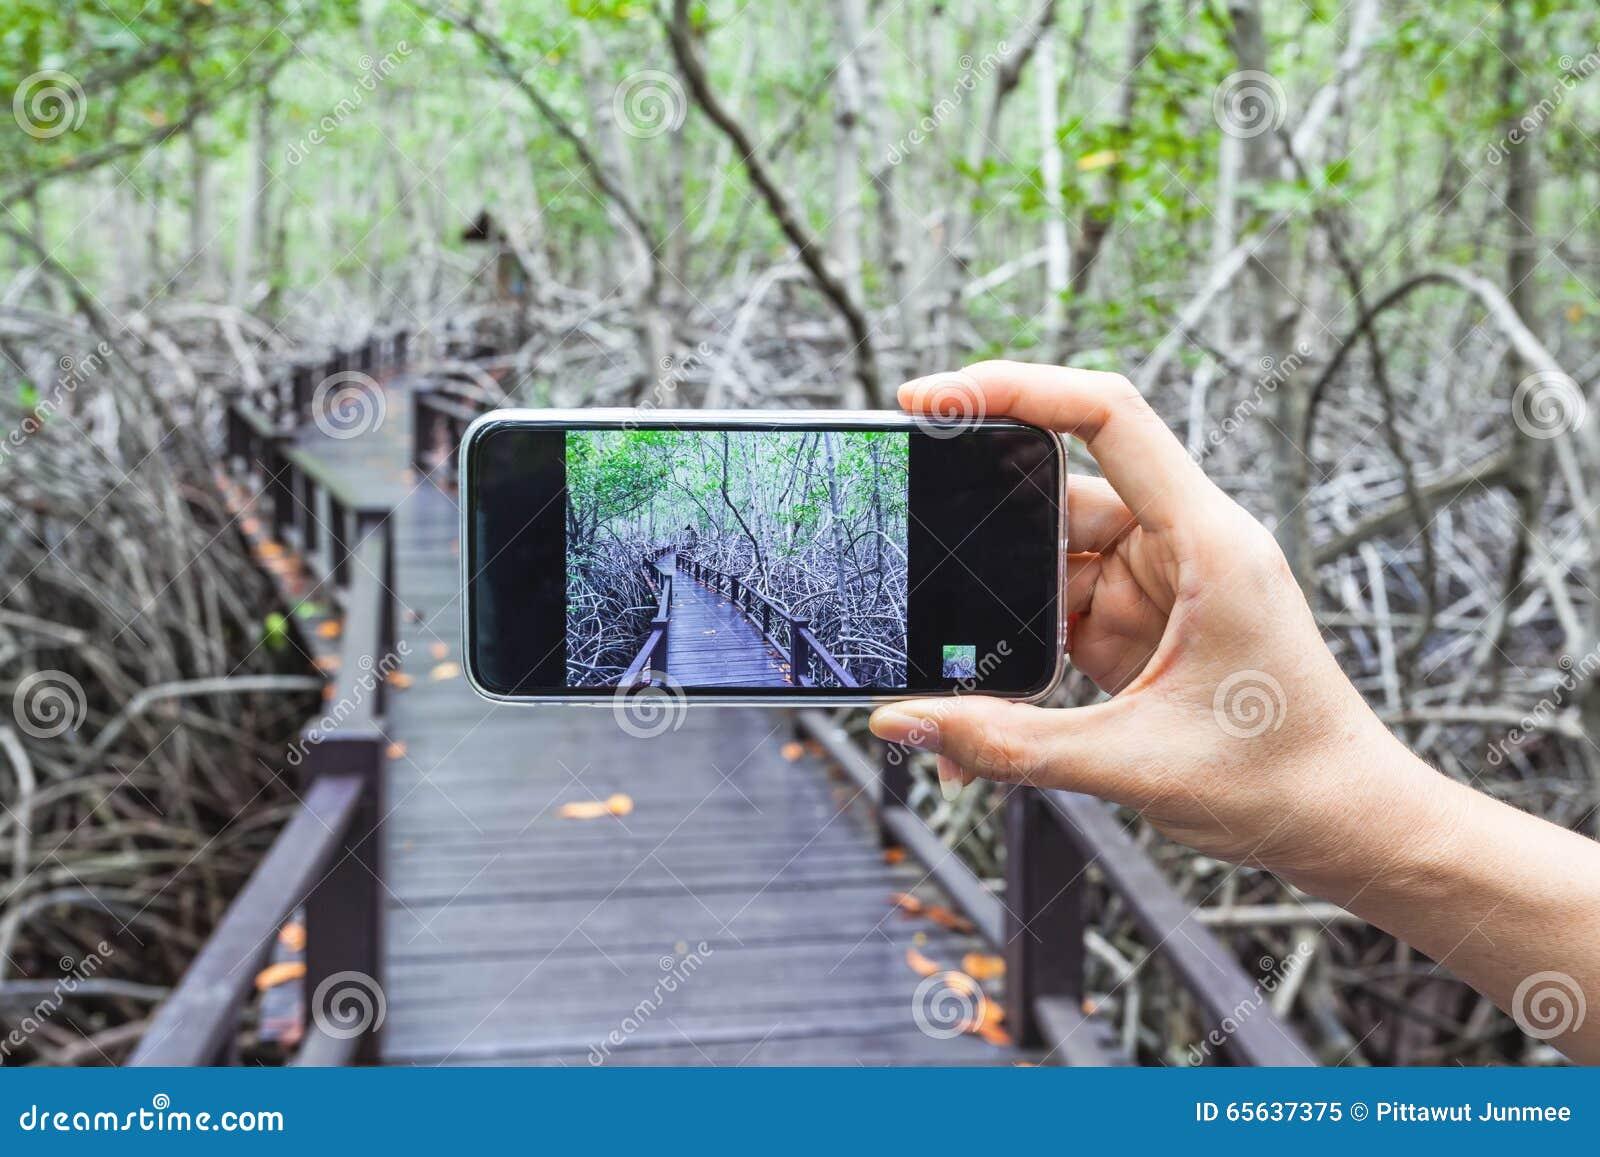 Main de fille prenant des photos à un téléphone portable dans le pont en bois